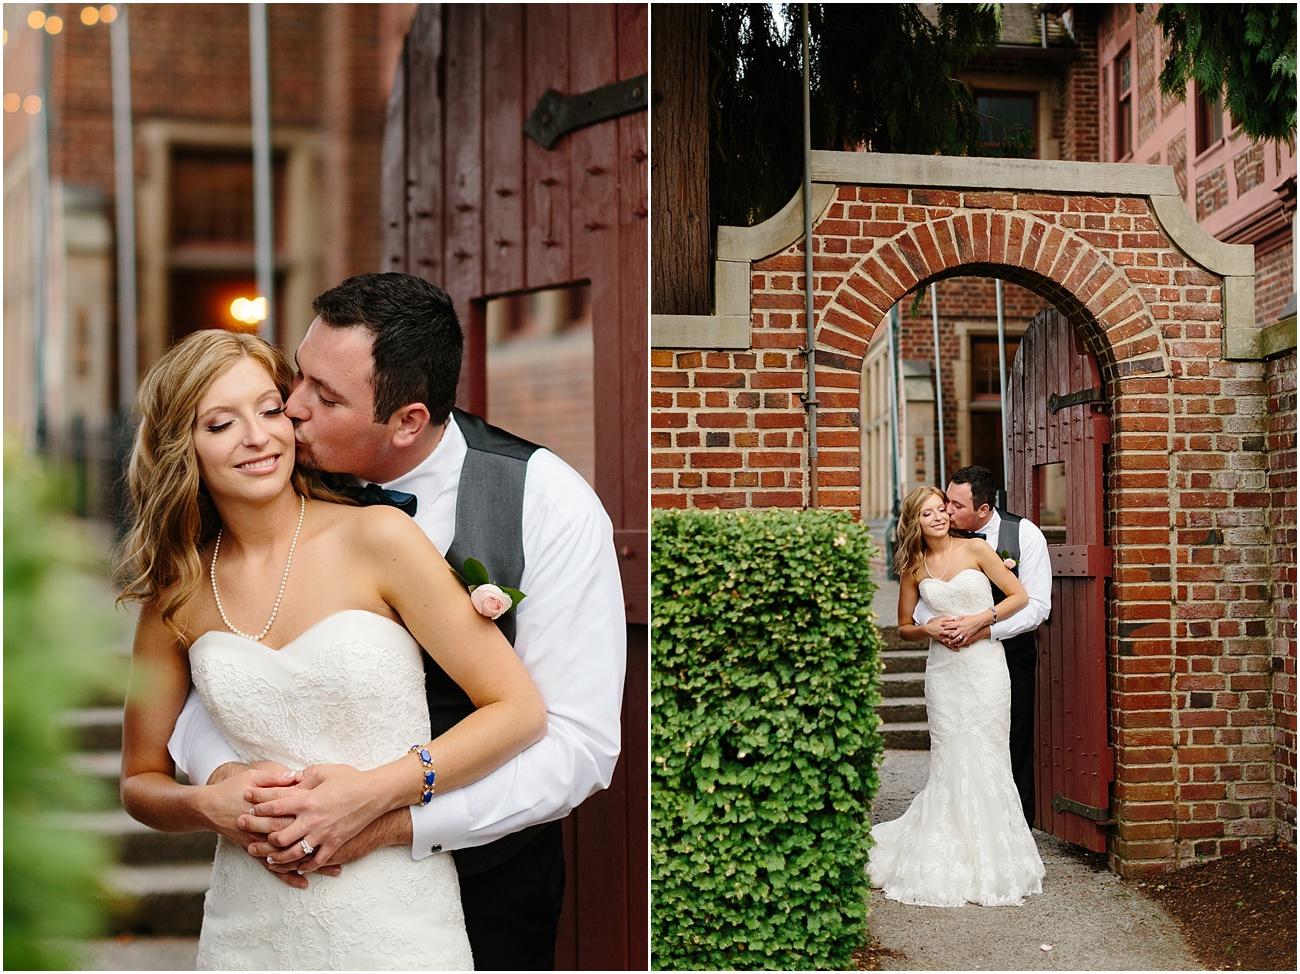 Thomas_WeyerhaeuserEstate_Tacom_Washington_Wedding_0103